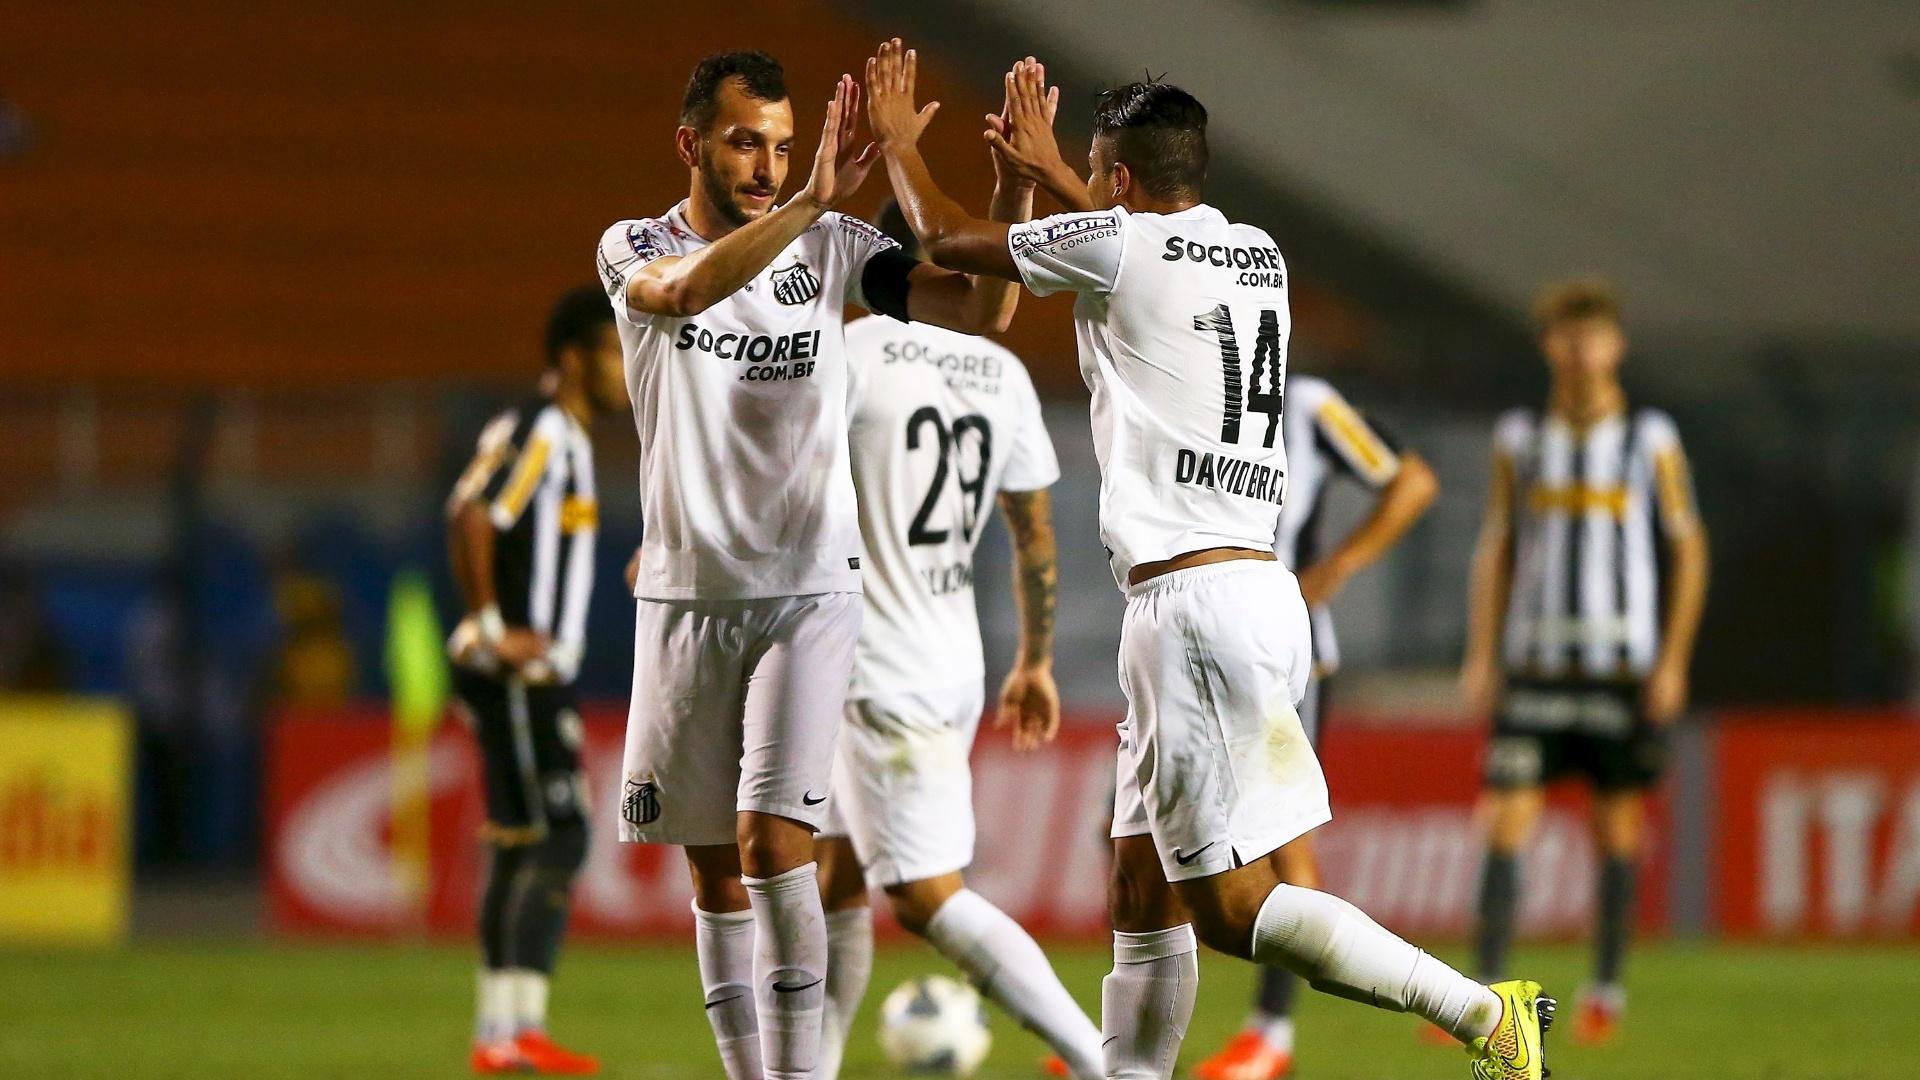 Edu Dracena comemora o gol marcado pelo zagueiro David Braz, pelo Santos, contra o Botafogo pela Copa do Brasil